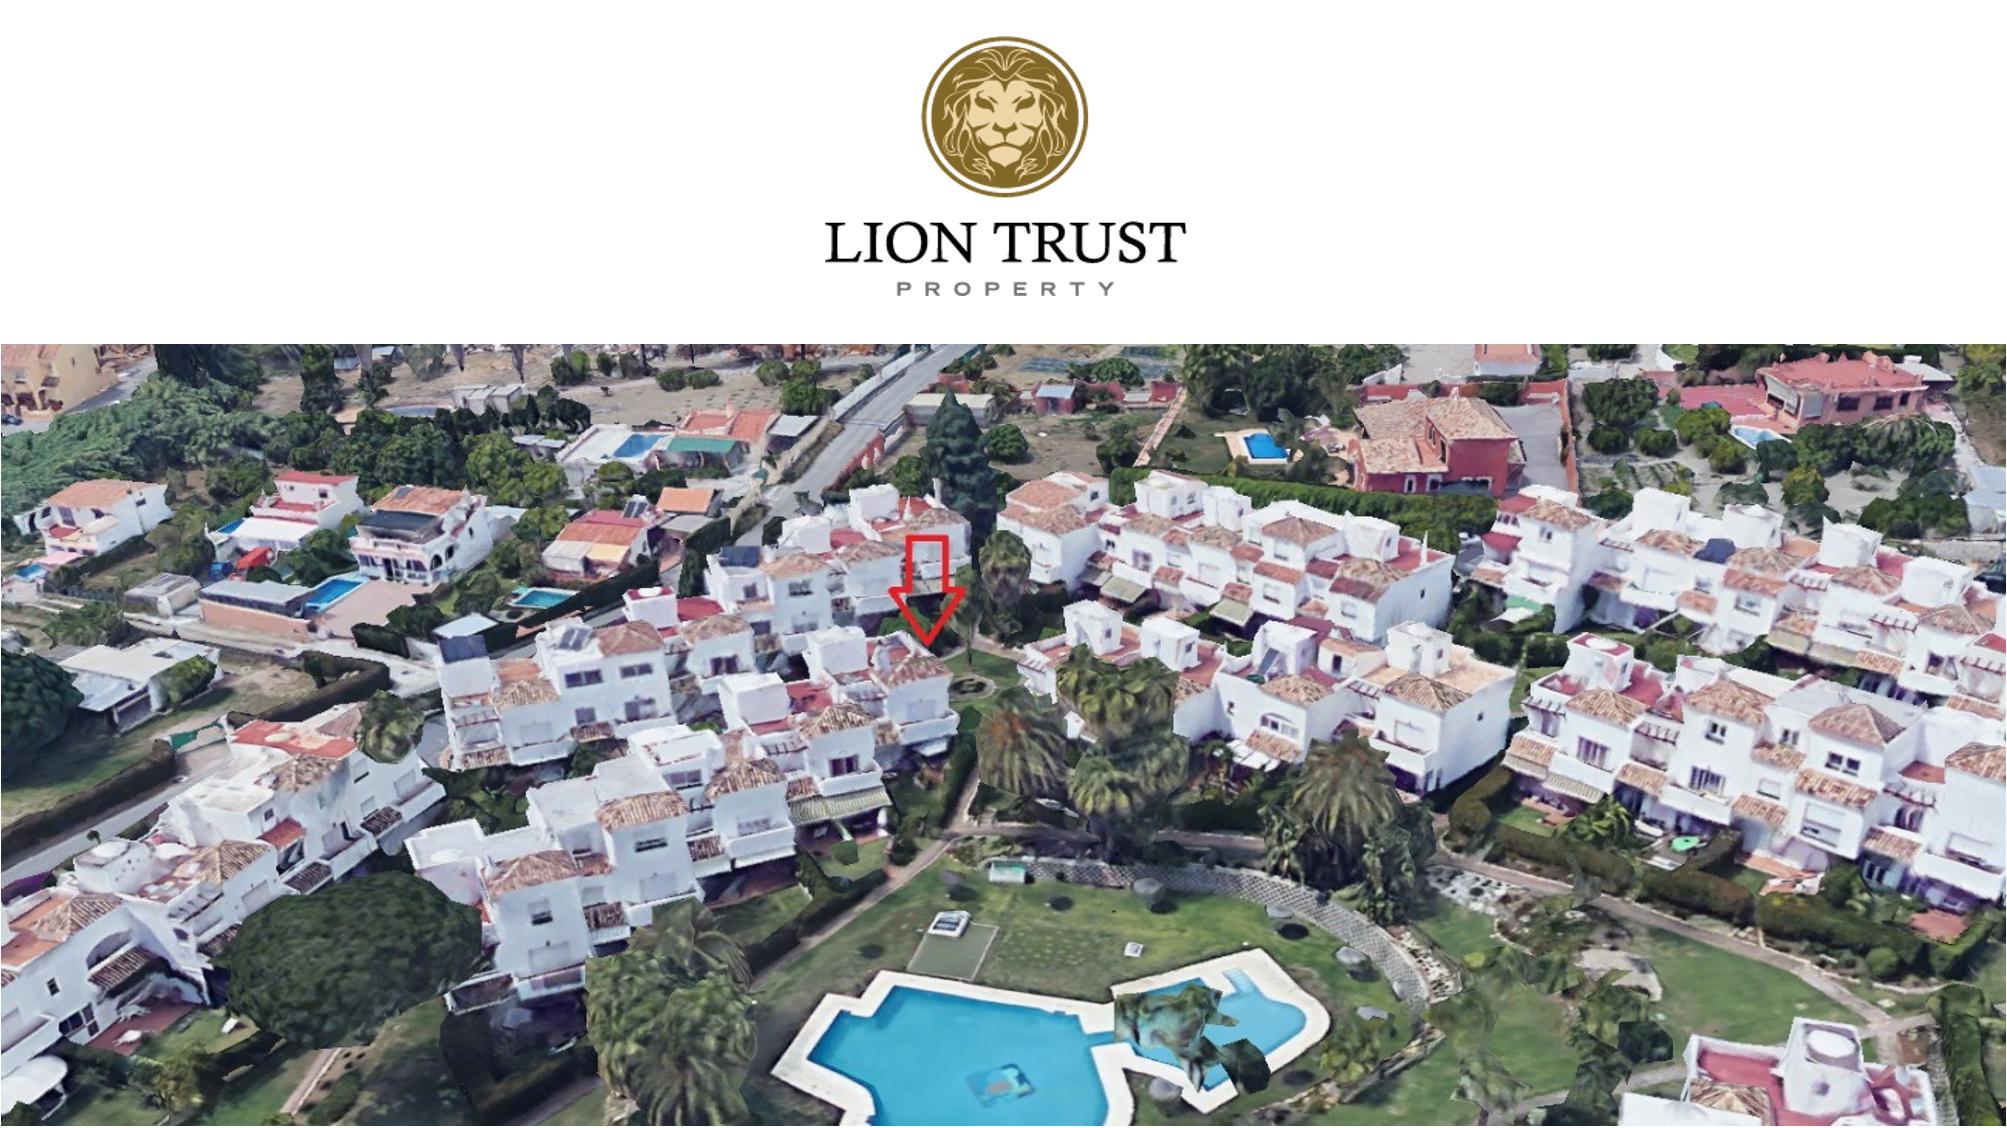 8a - Lion Trust Spain